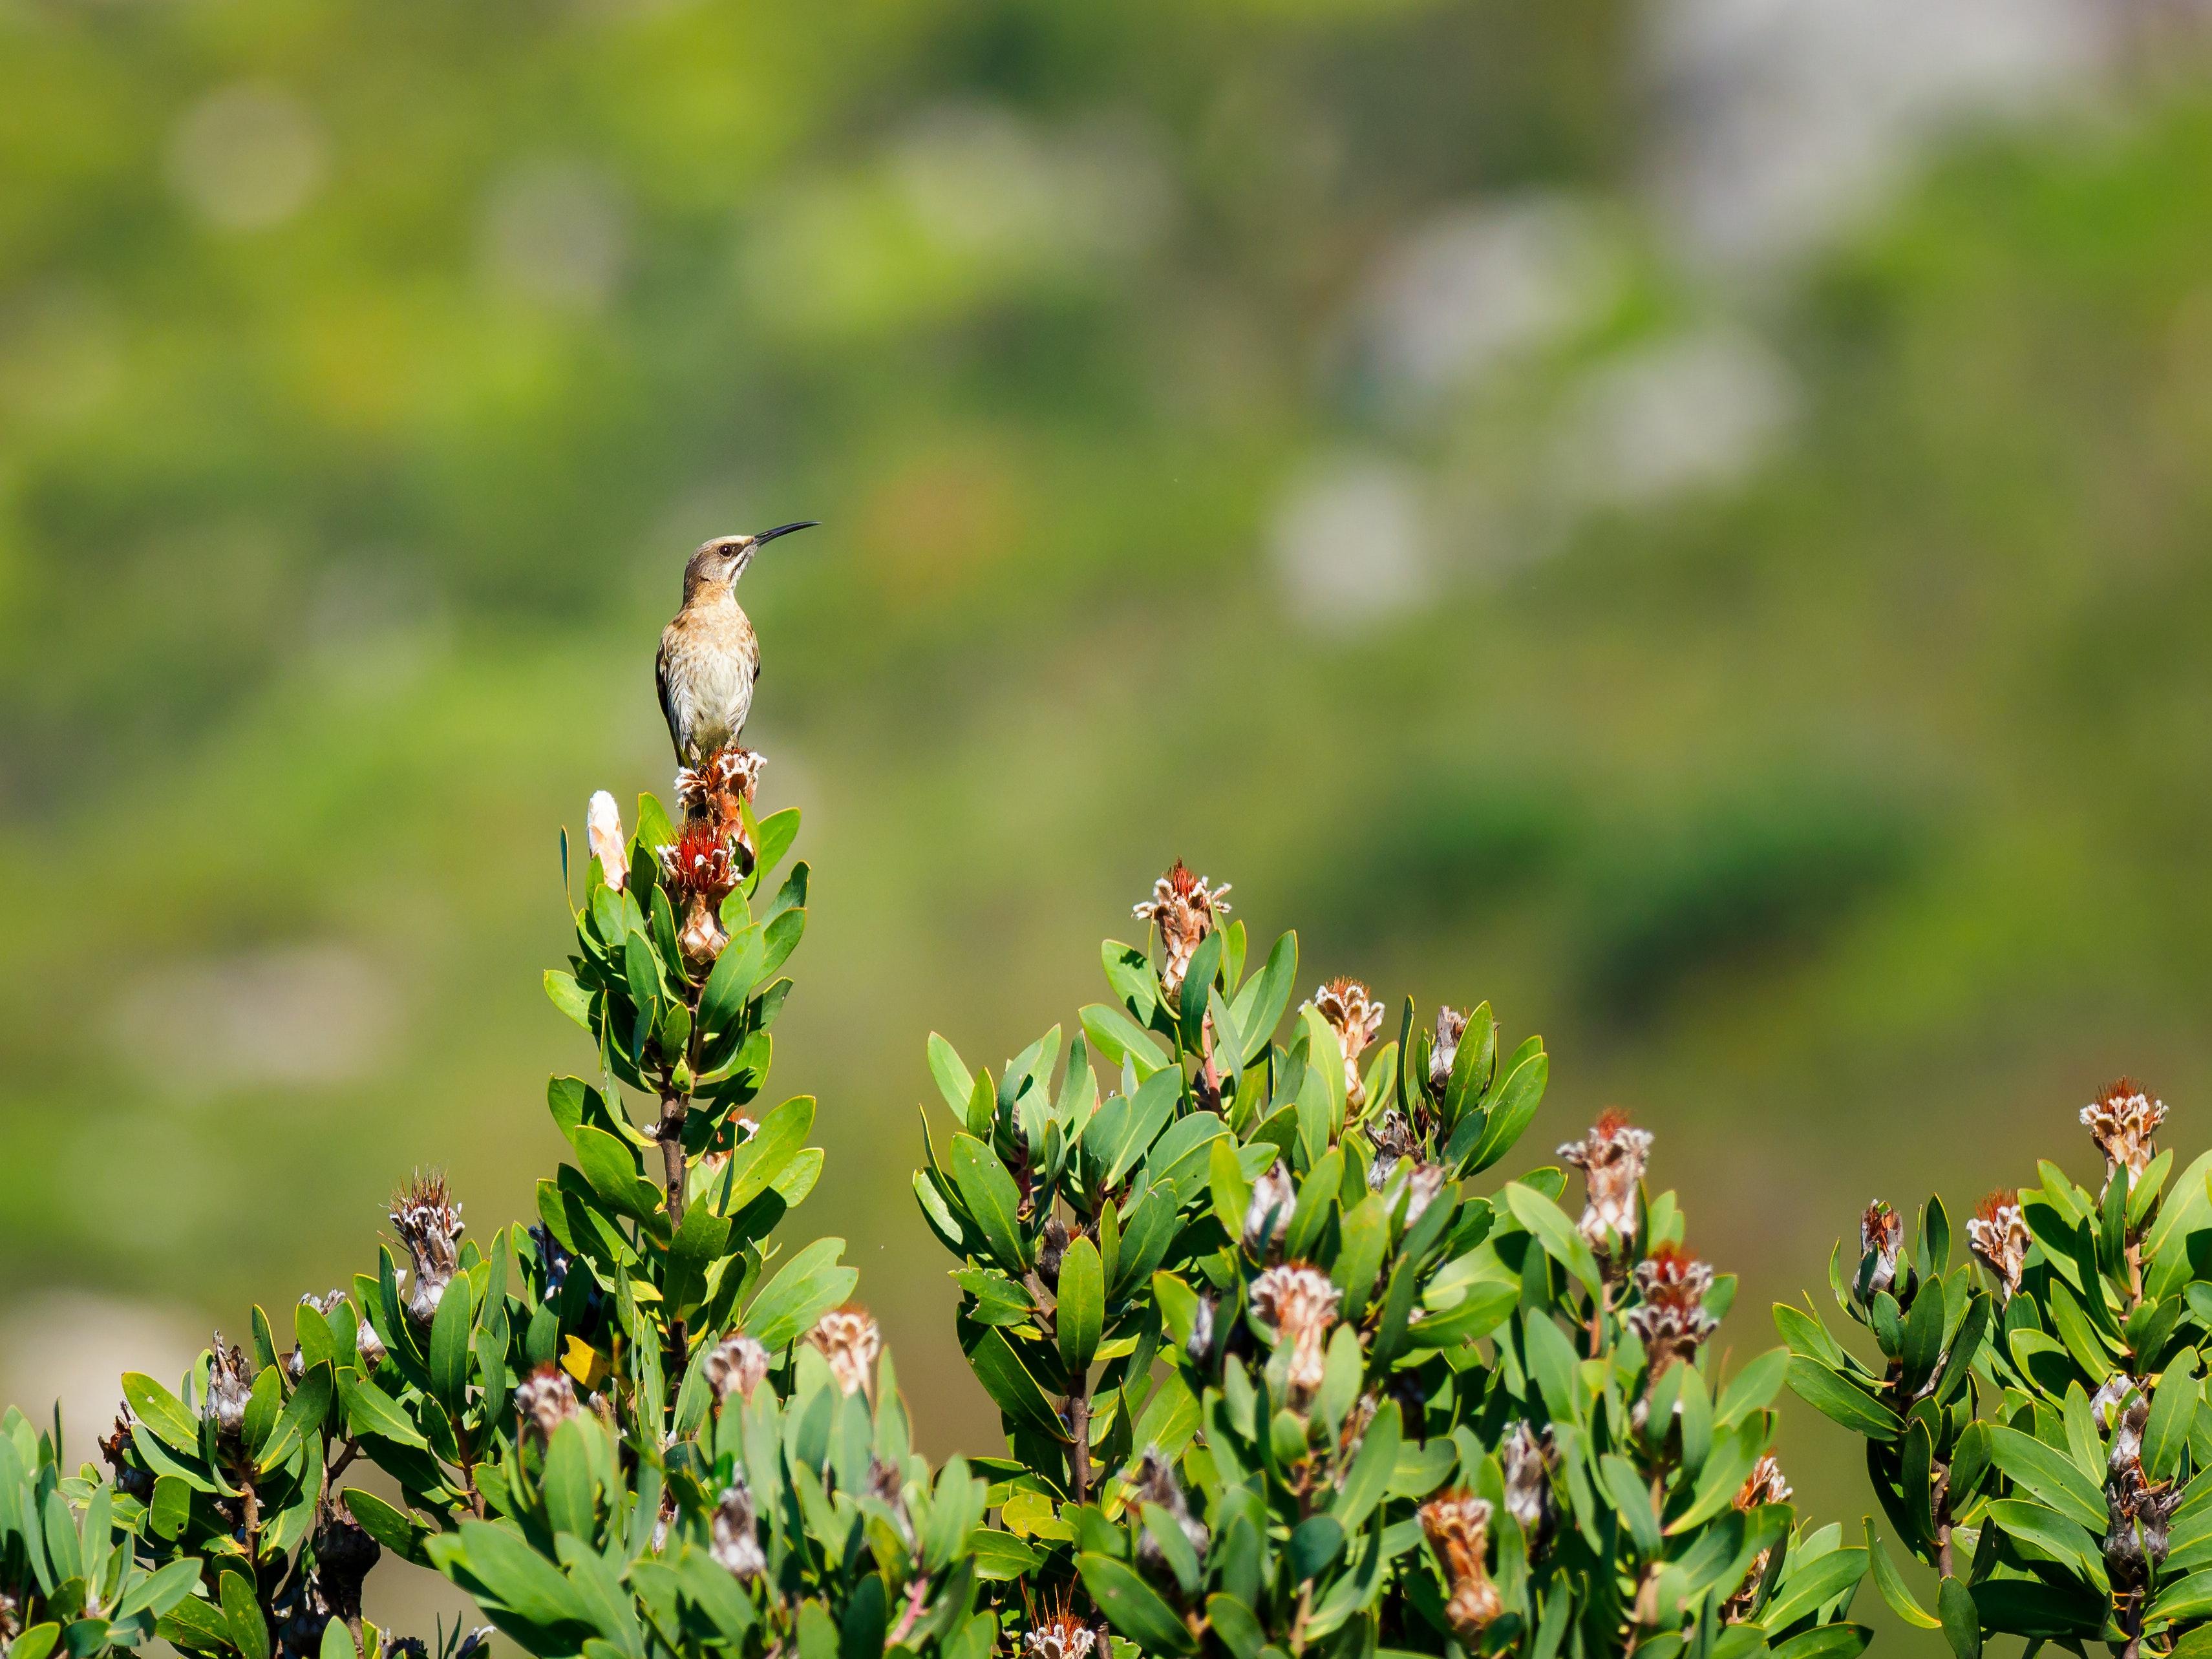 Gambar Paruh Menanam Bunga Margasatwa Tanaman Berbunga Bertengger Burung Burung Gereja Coraciiformes Smartweed Keluarga Soba 3422x2567 1558261 Galeri Foto Pxhere